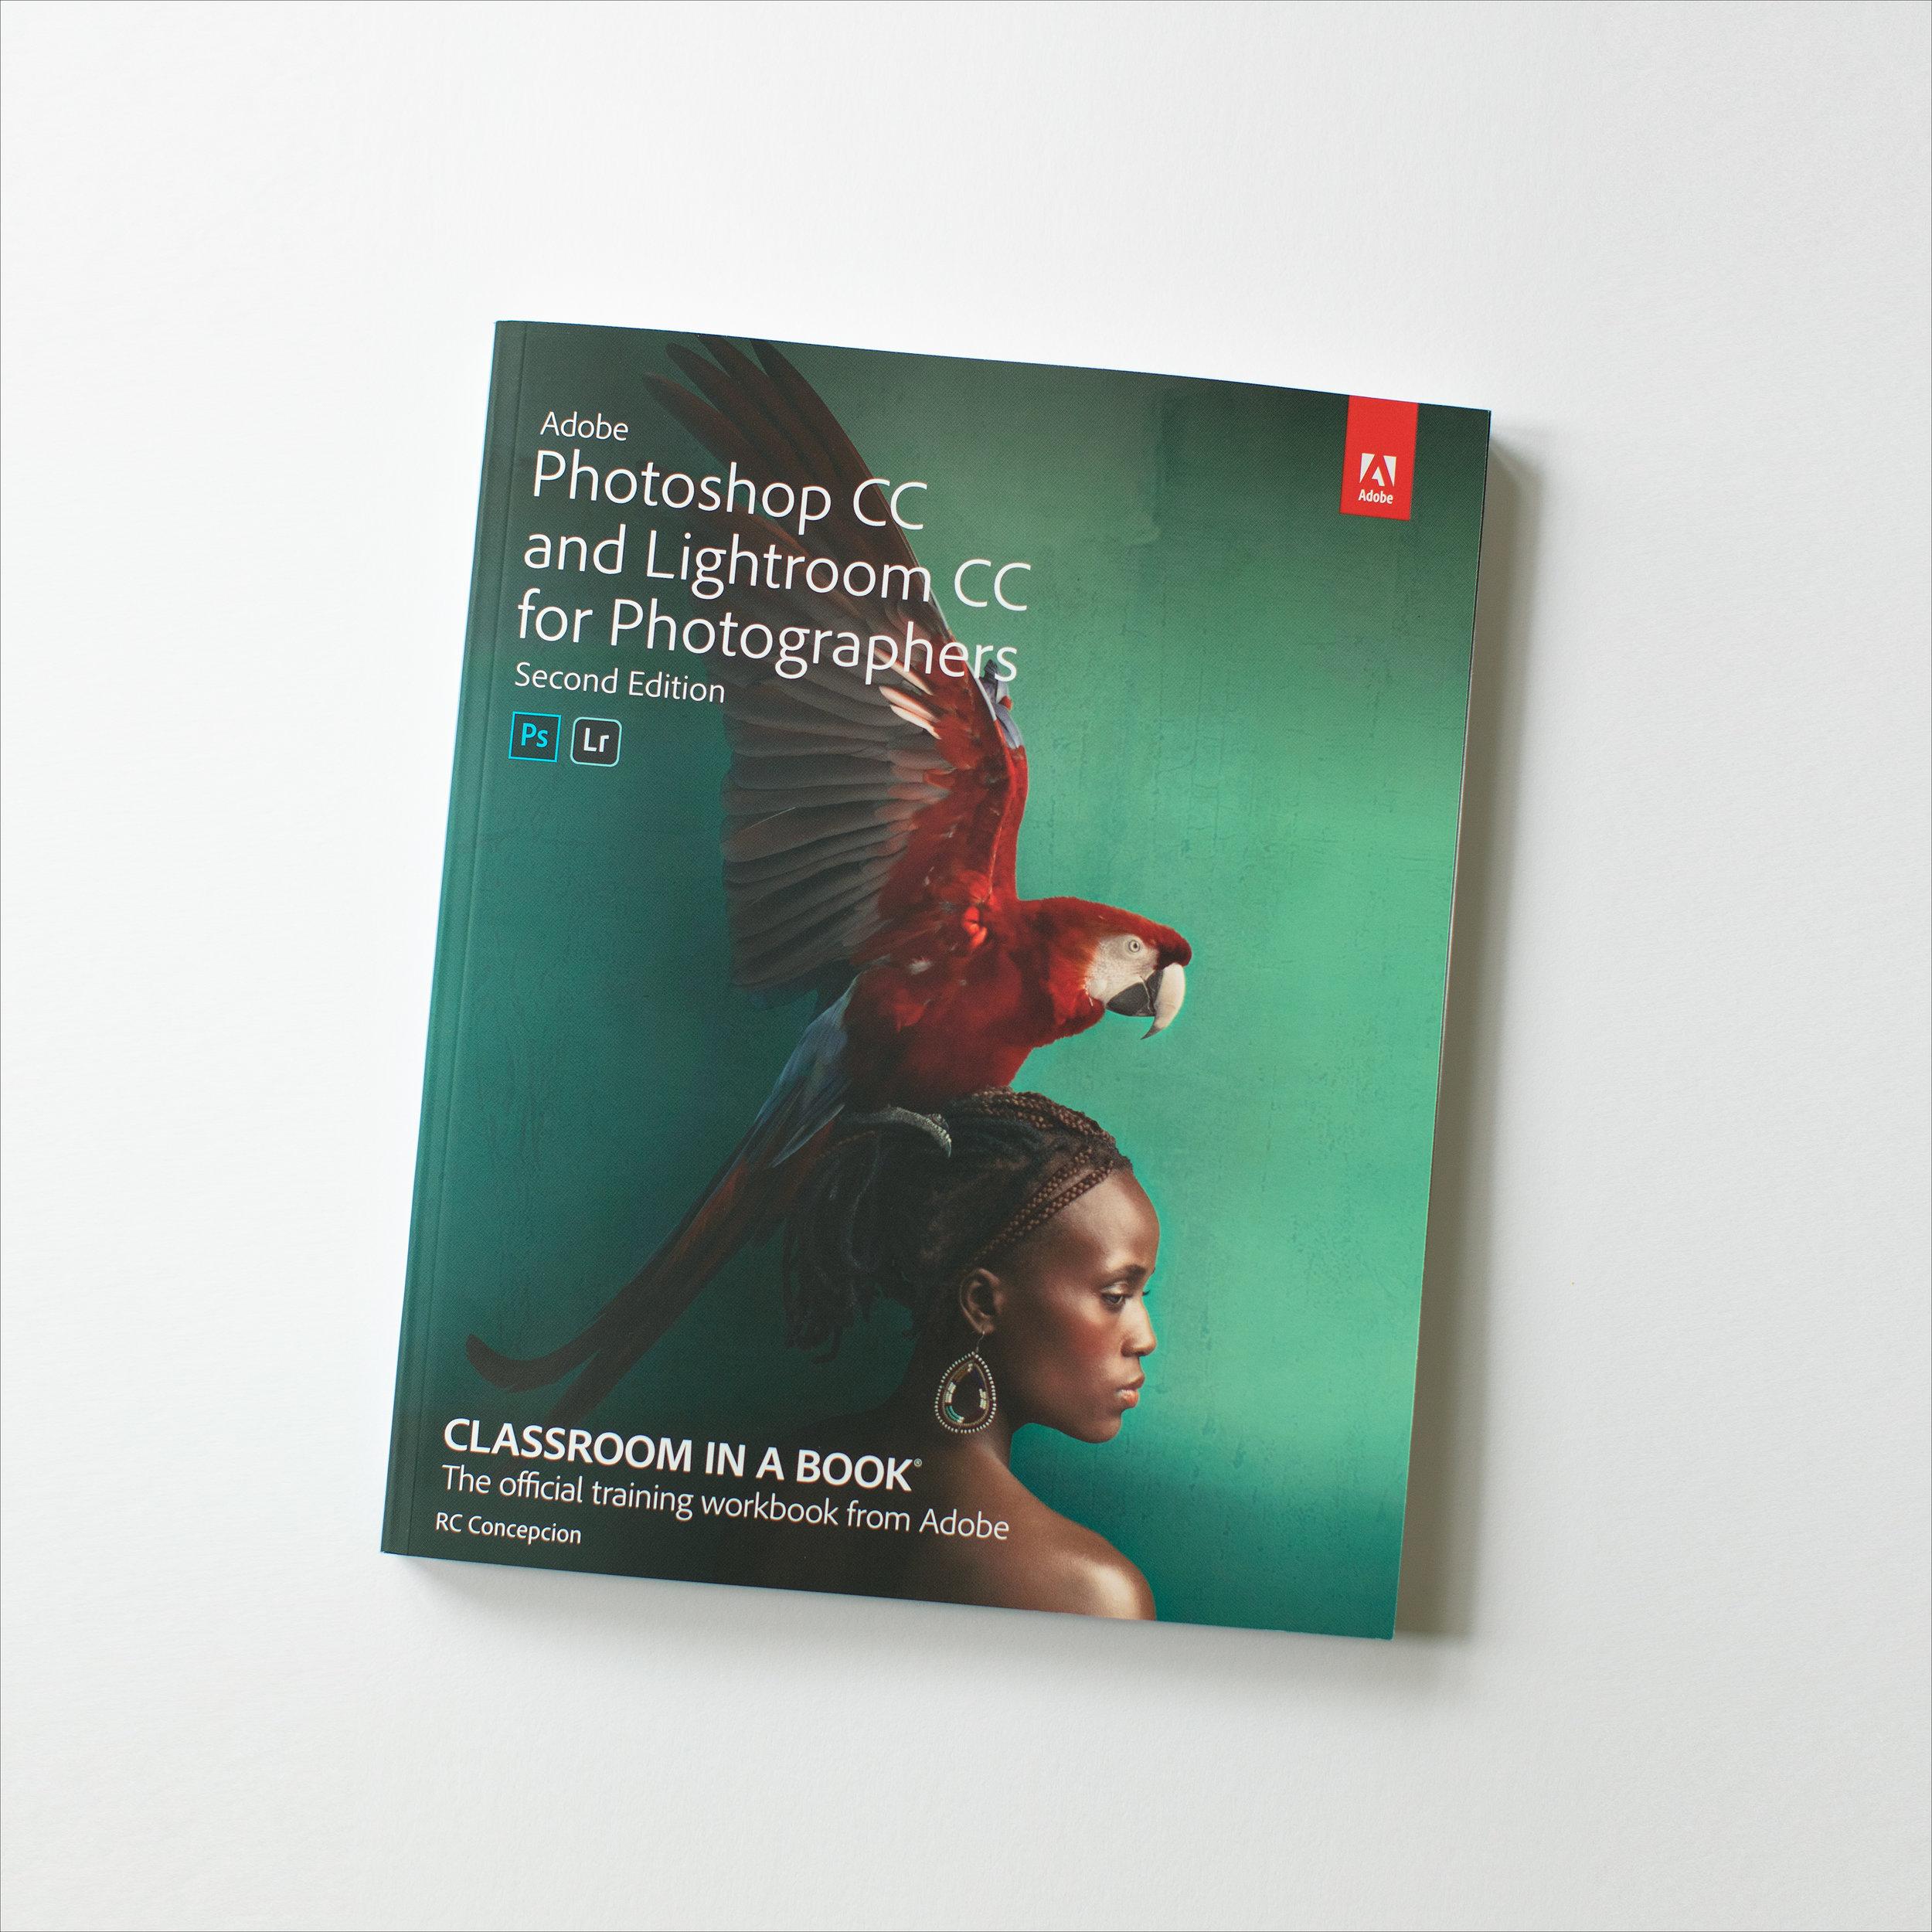 AdobeBookCover_0005.jpg